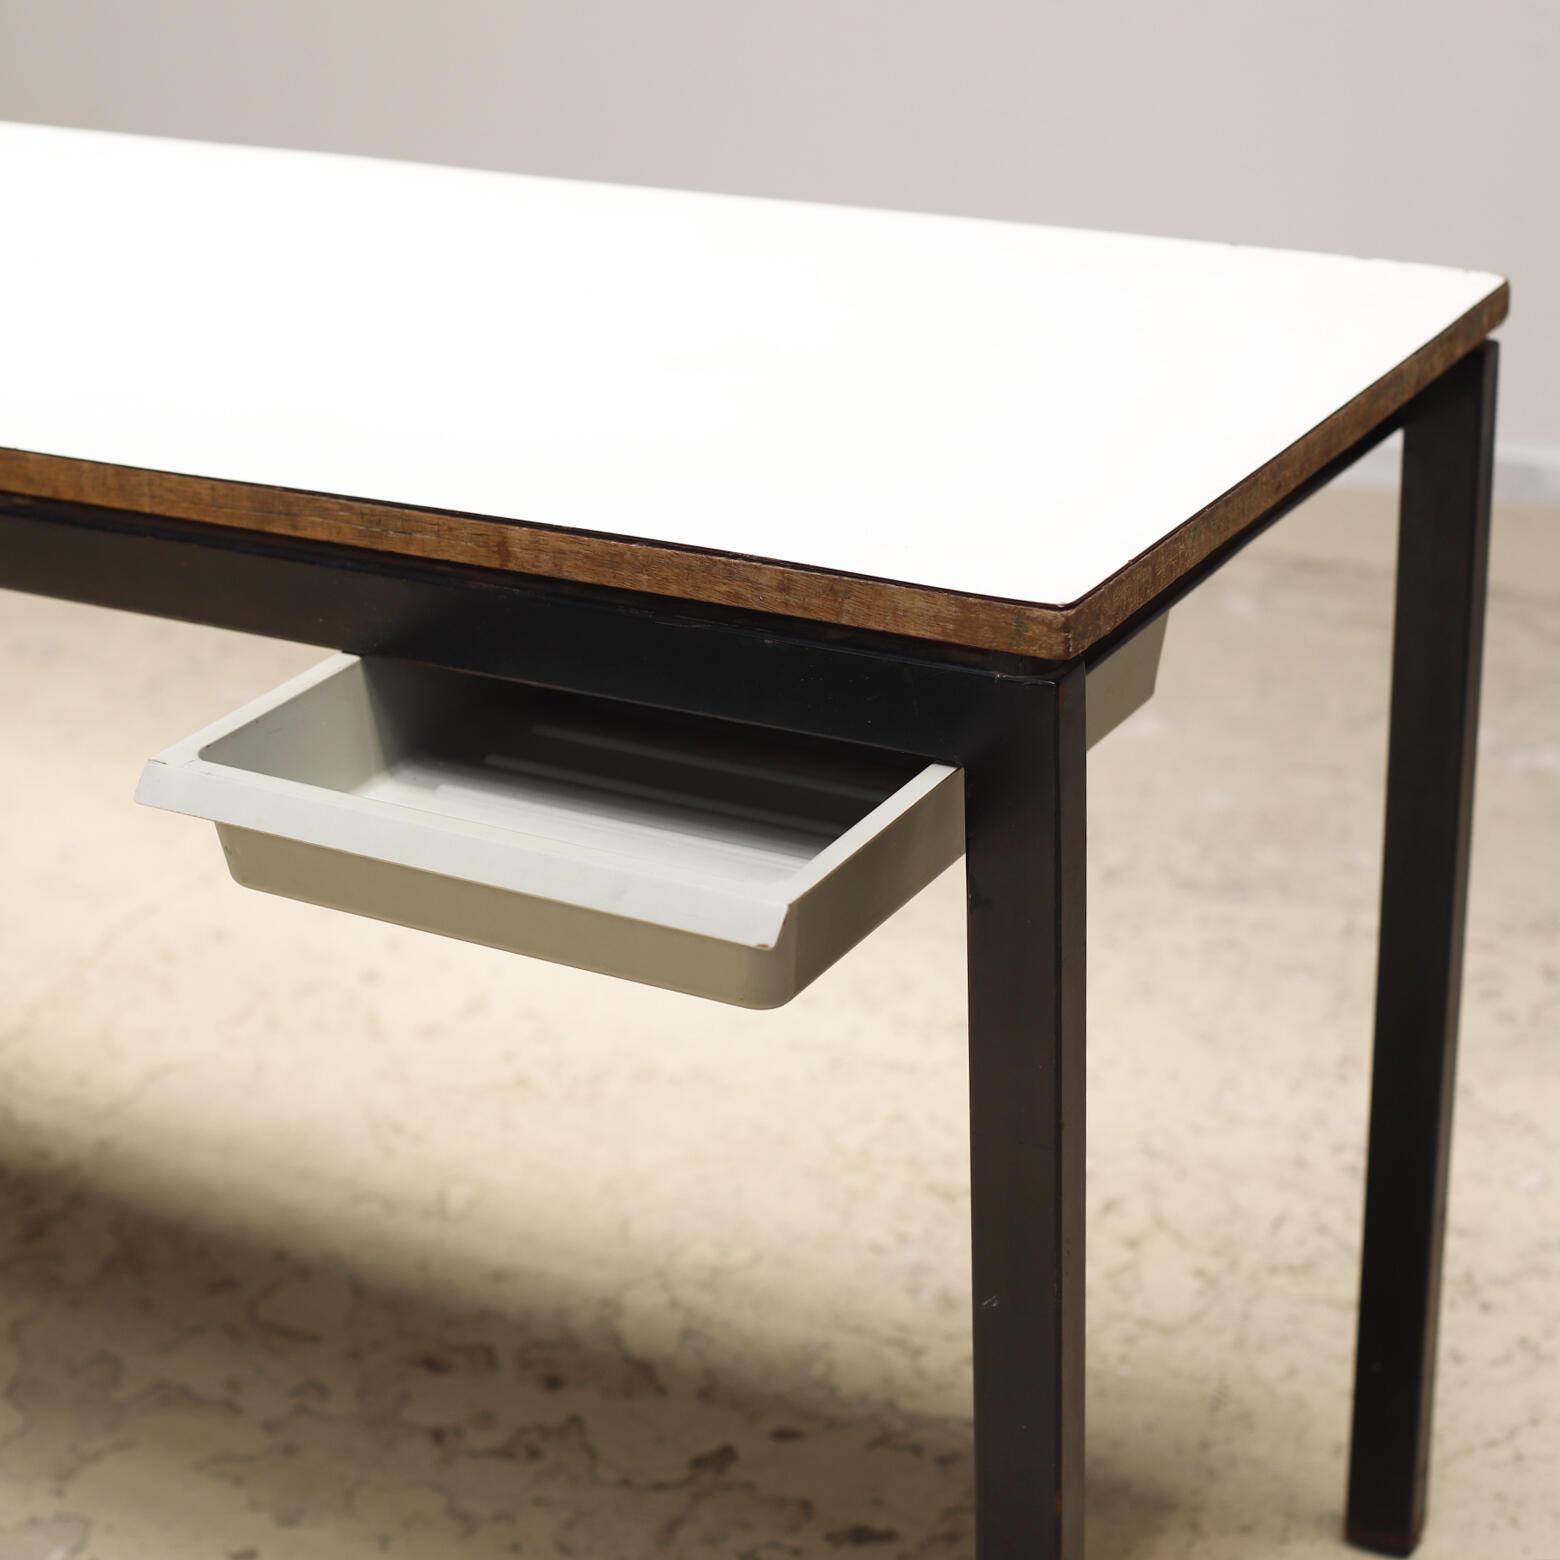 ペリアン Cansado Perriand デスク テーブル